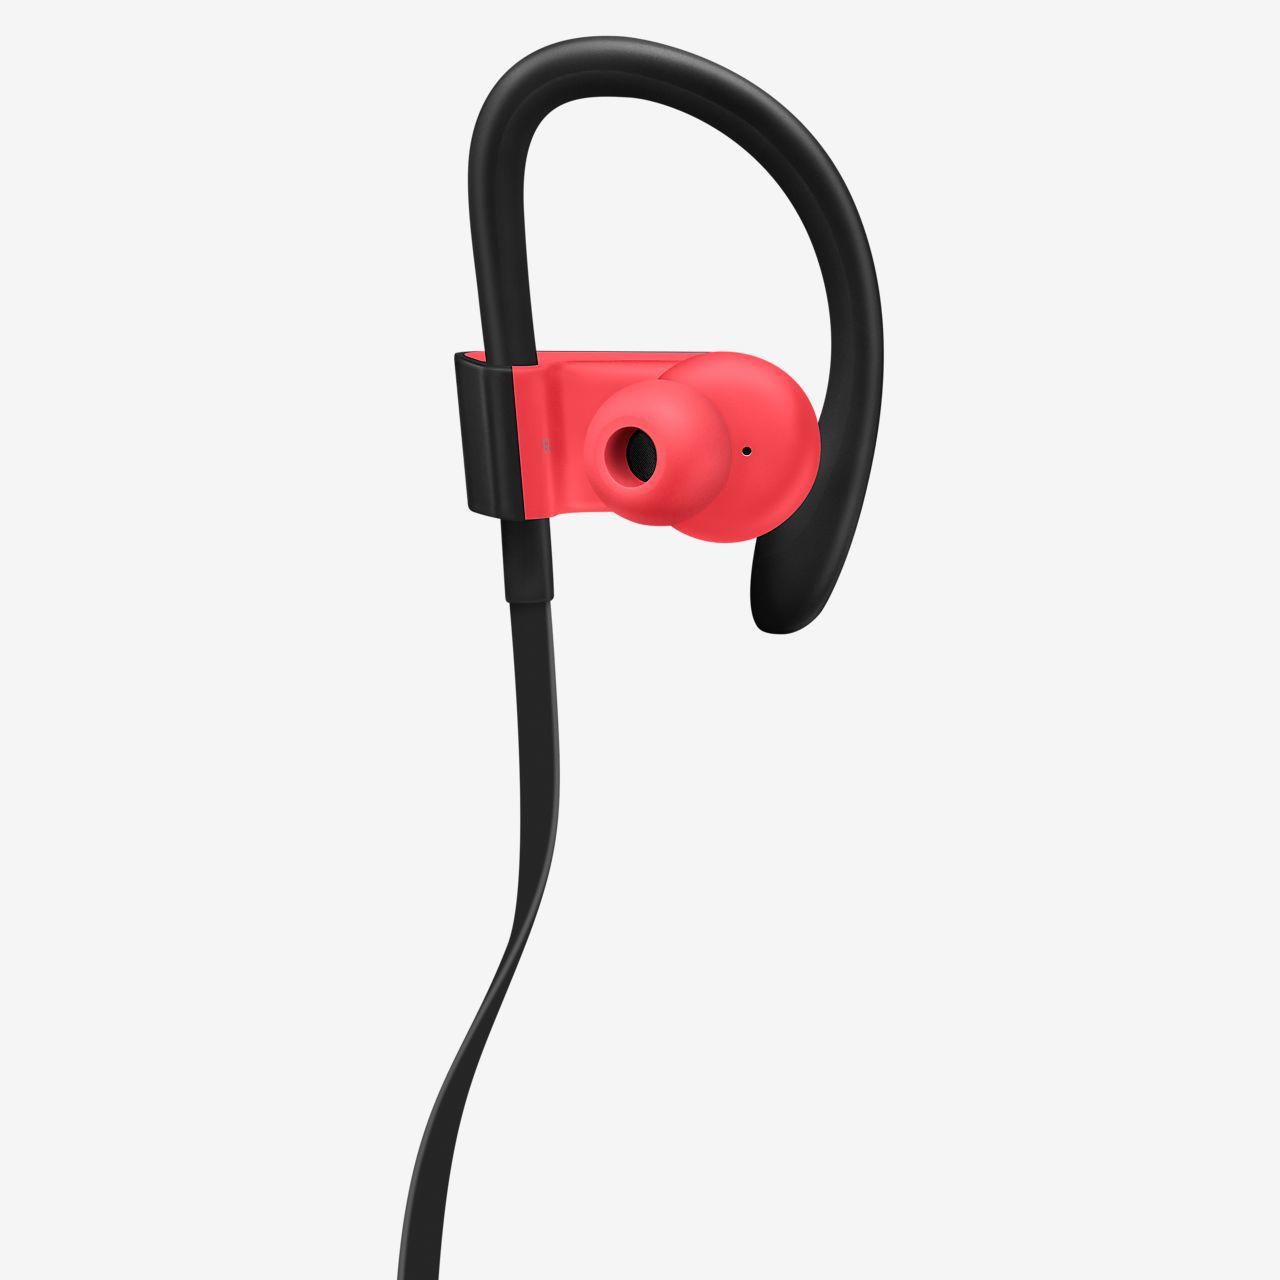 ec70877adcd Powerbeats3 Wireless Beats by Dre Earphones. Nike.com